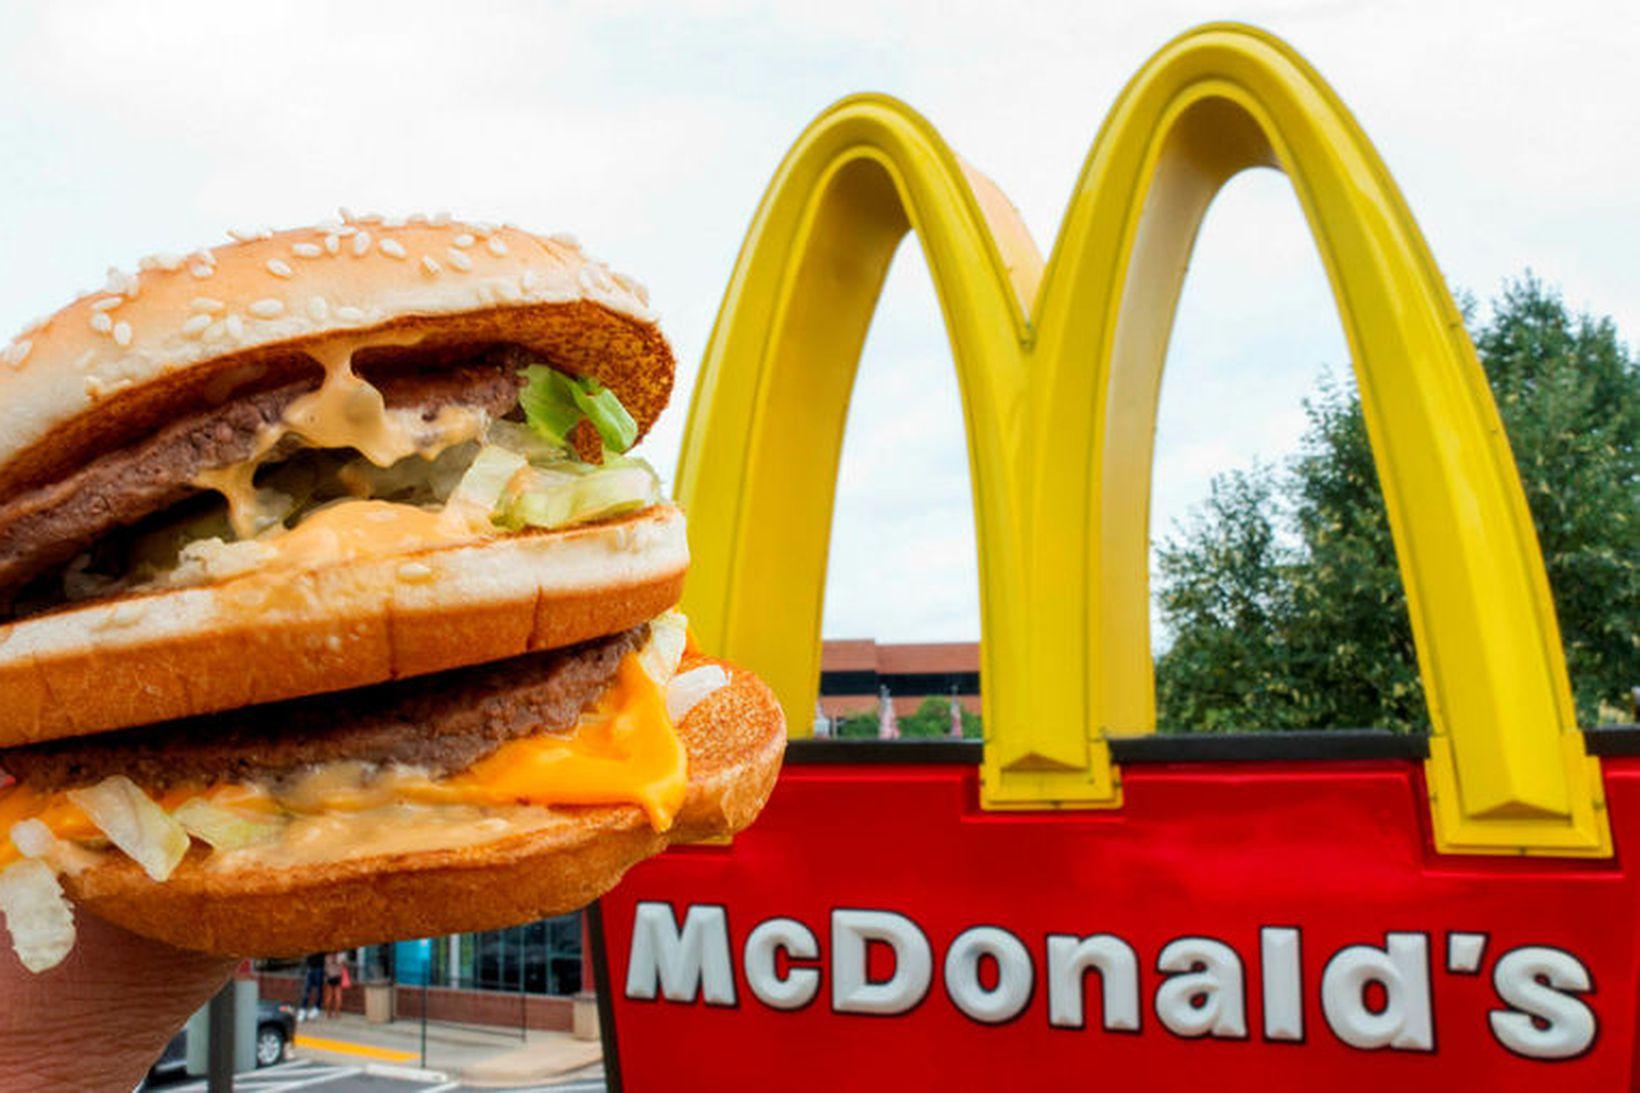 Starfsfólk McDonald's í Austurríki hefur nú fengið það verkefni að …